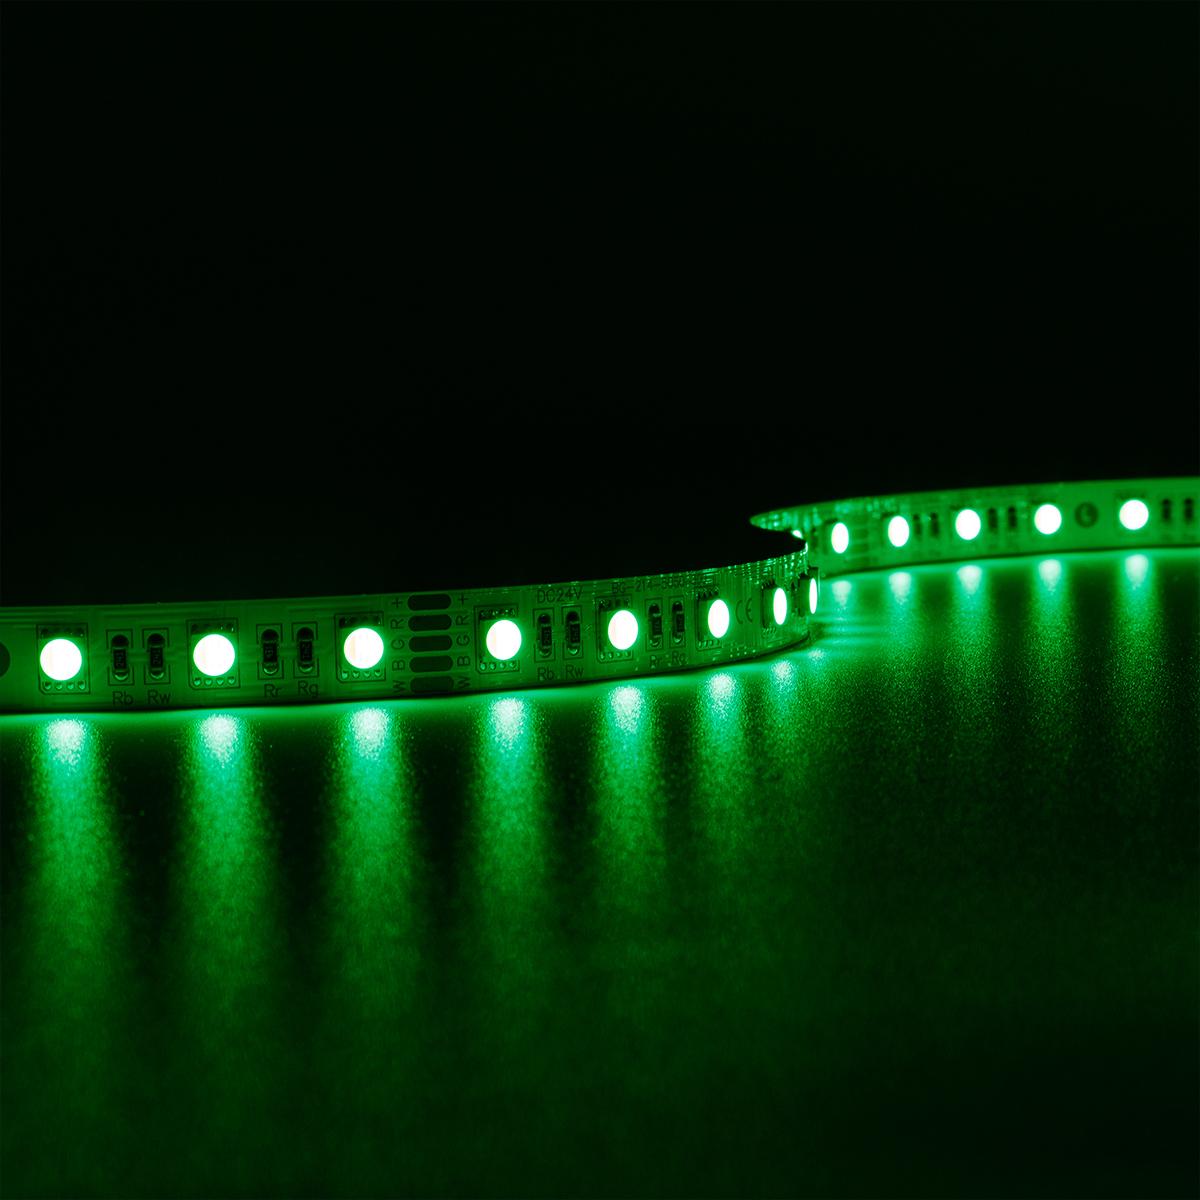 Strip RGBW 24V LED Streifen 5M 15W/m 60LED/m 12mm IP20 Farbwechsel RGB+3000K